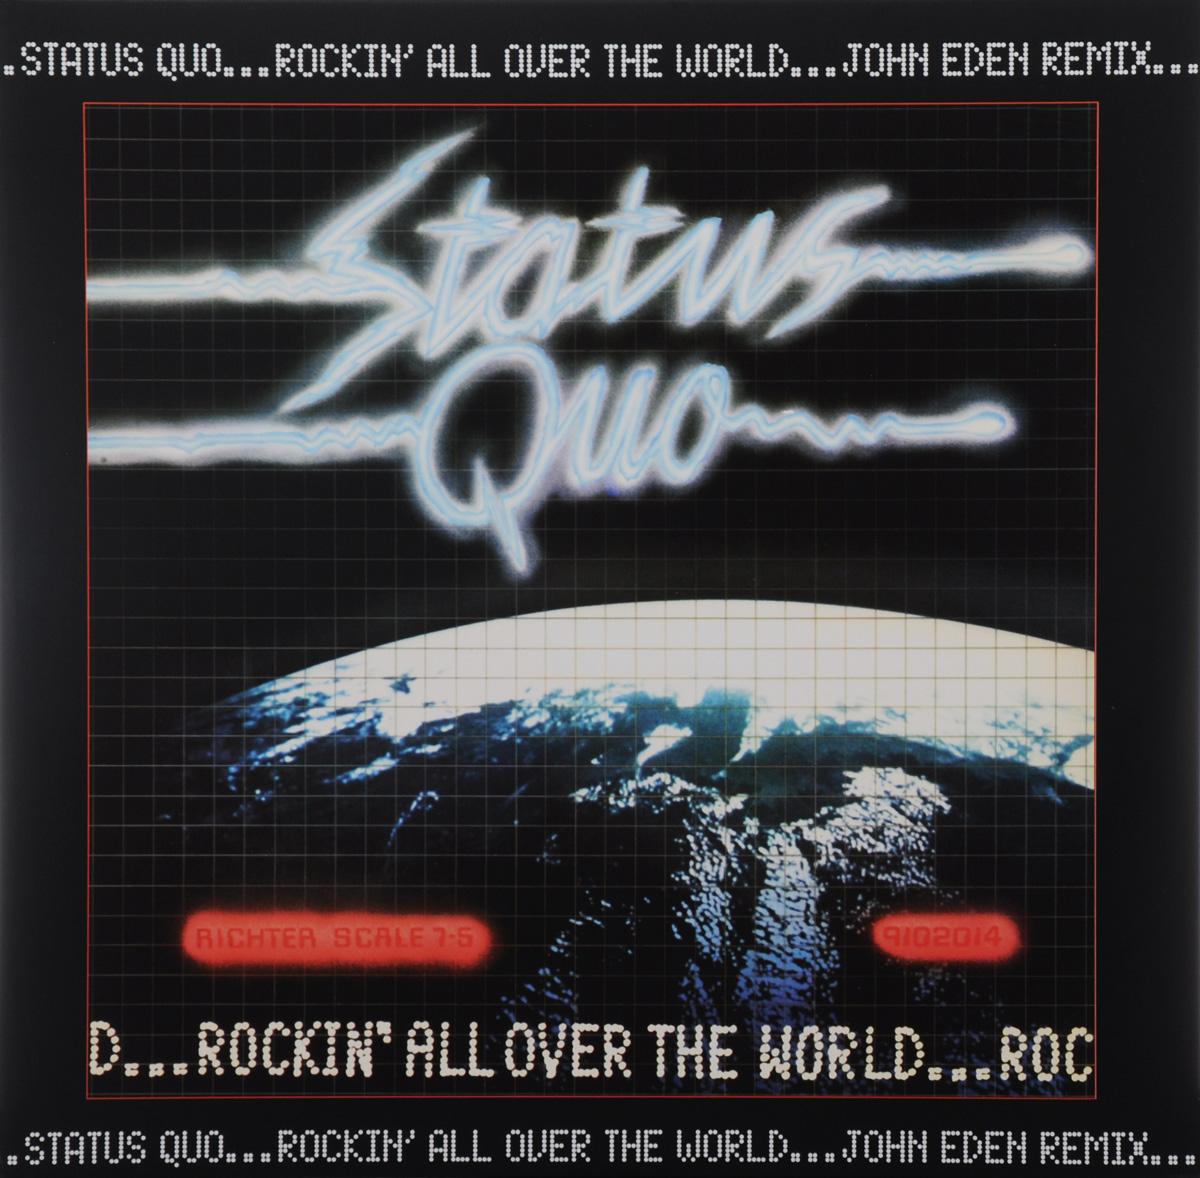 Status Quo Status Quo. Rockin' All Over The World (2 LP) status quo status quo piledriver deluxe edition 2 cd